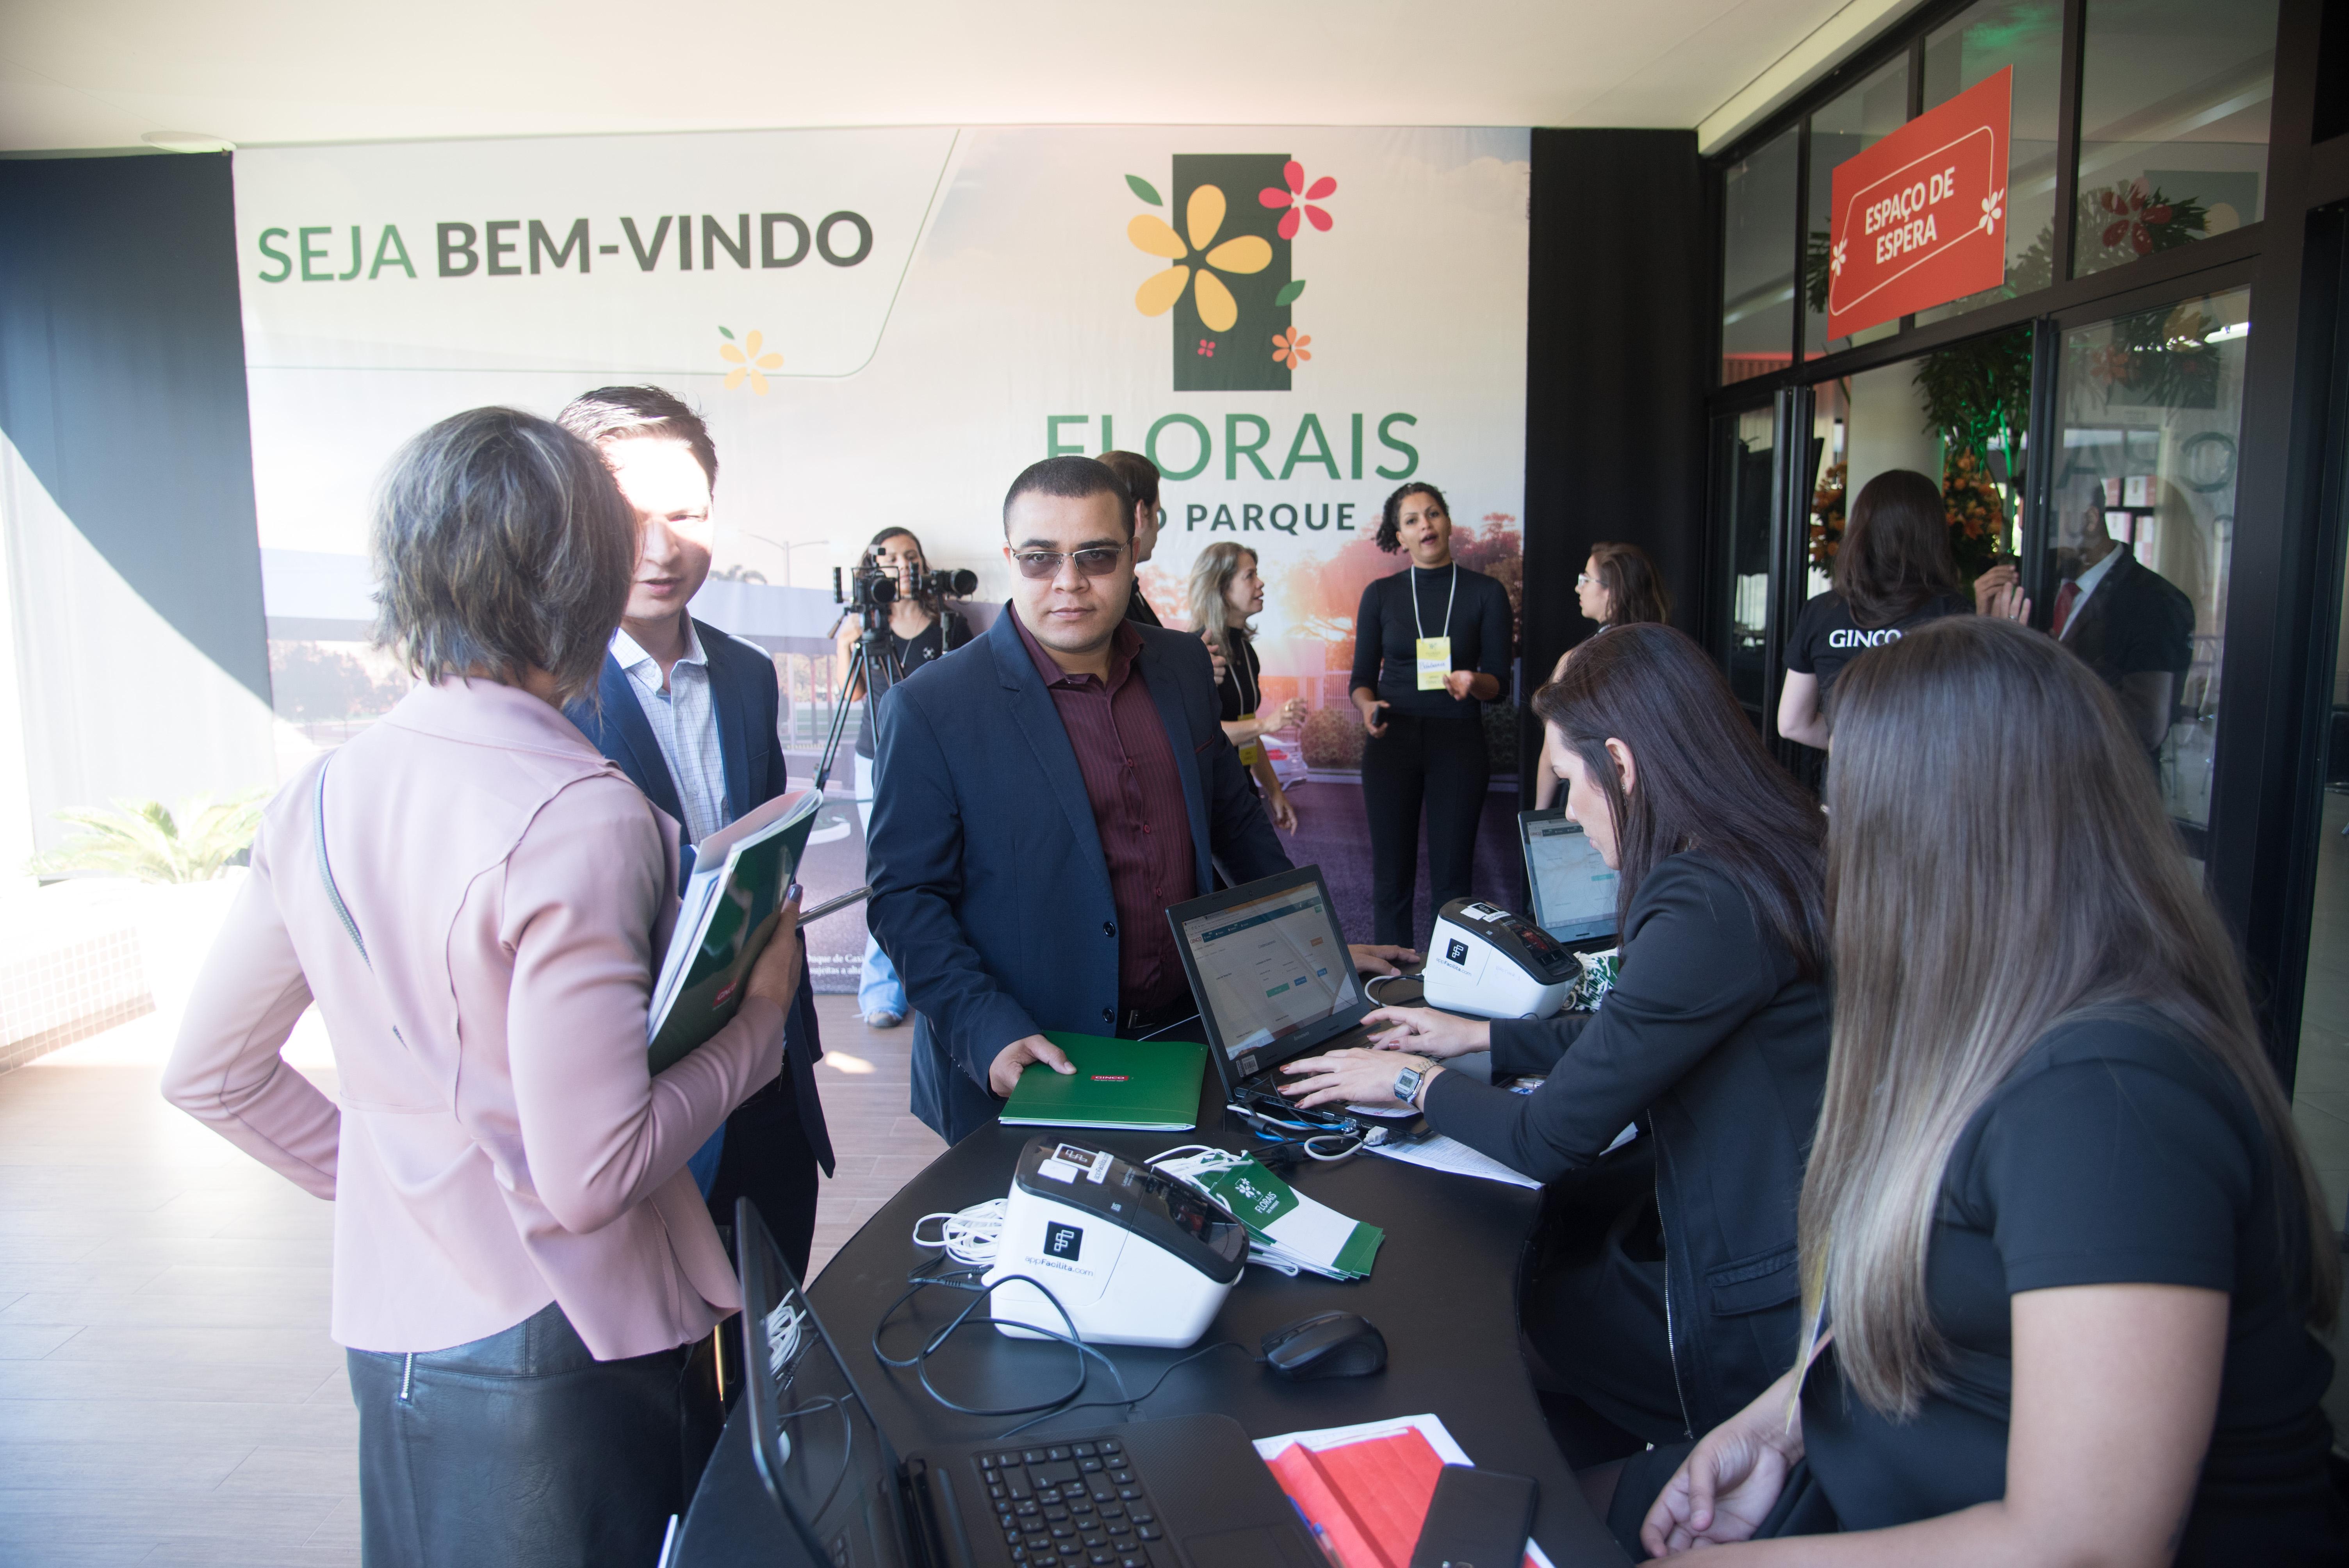 Lançamento_Florais_do_Parque_(30)